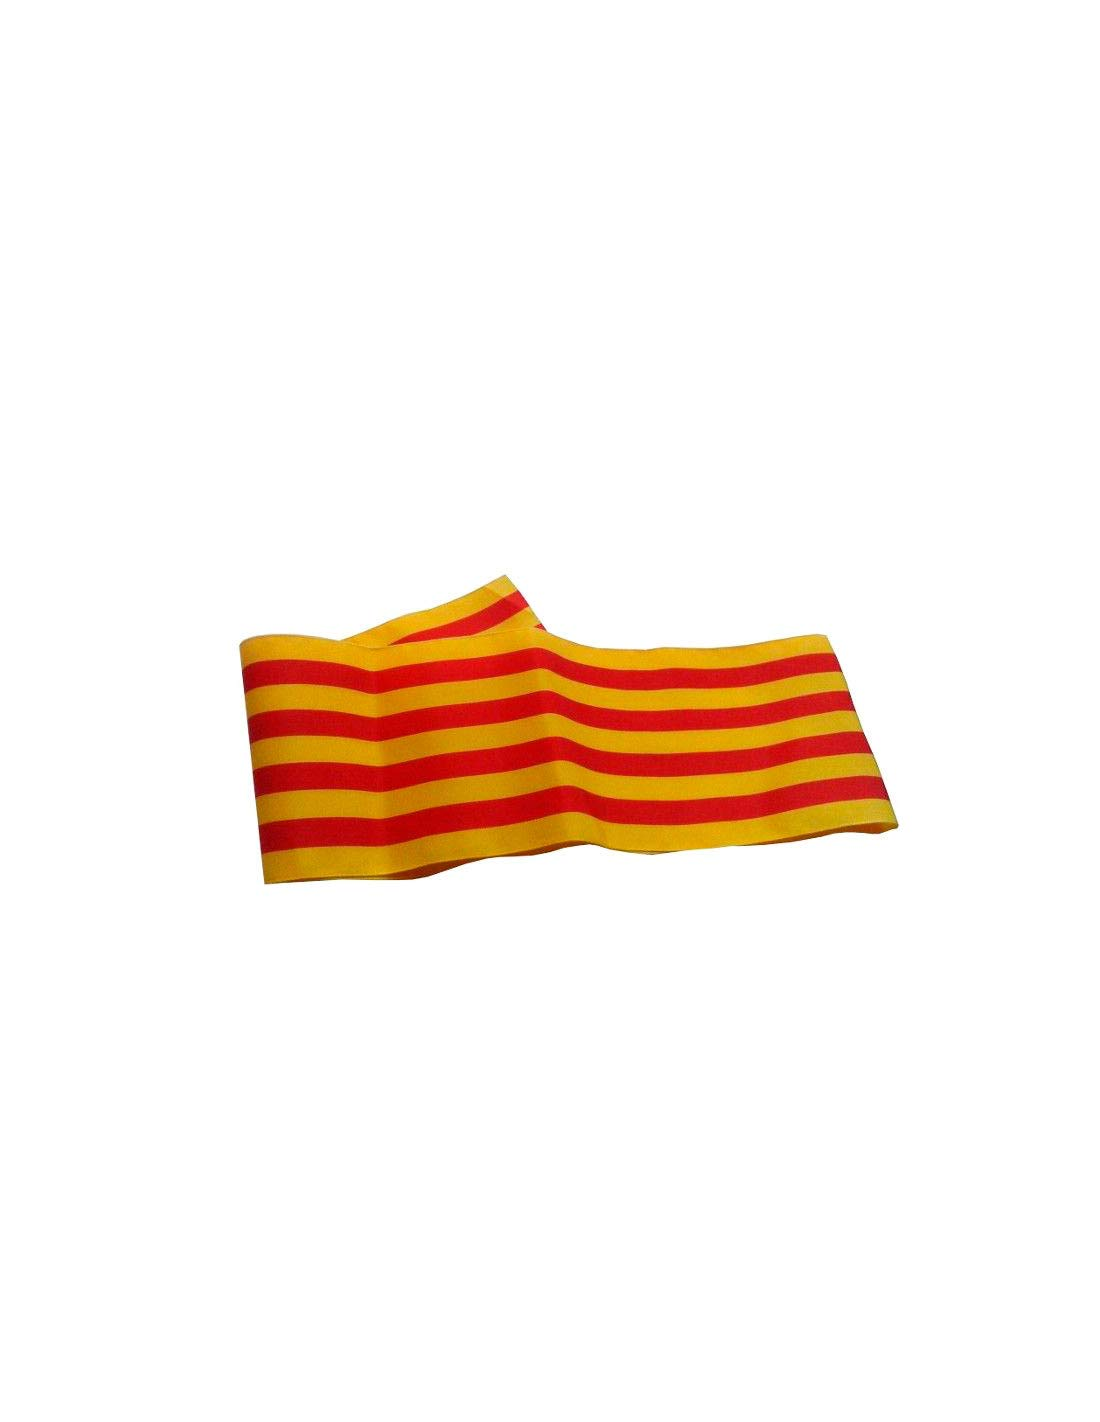 DISBACANAL Cinta Bandera Aragón 100mm: Amazon.es: Juguetes y juegos